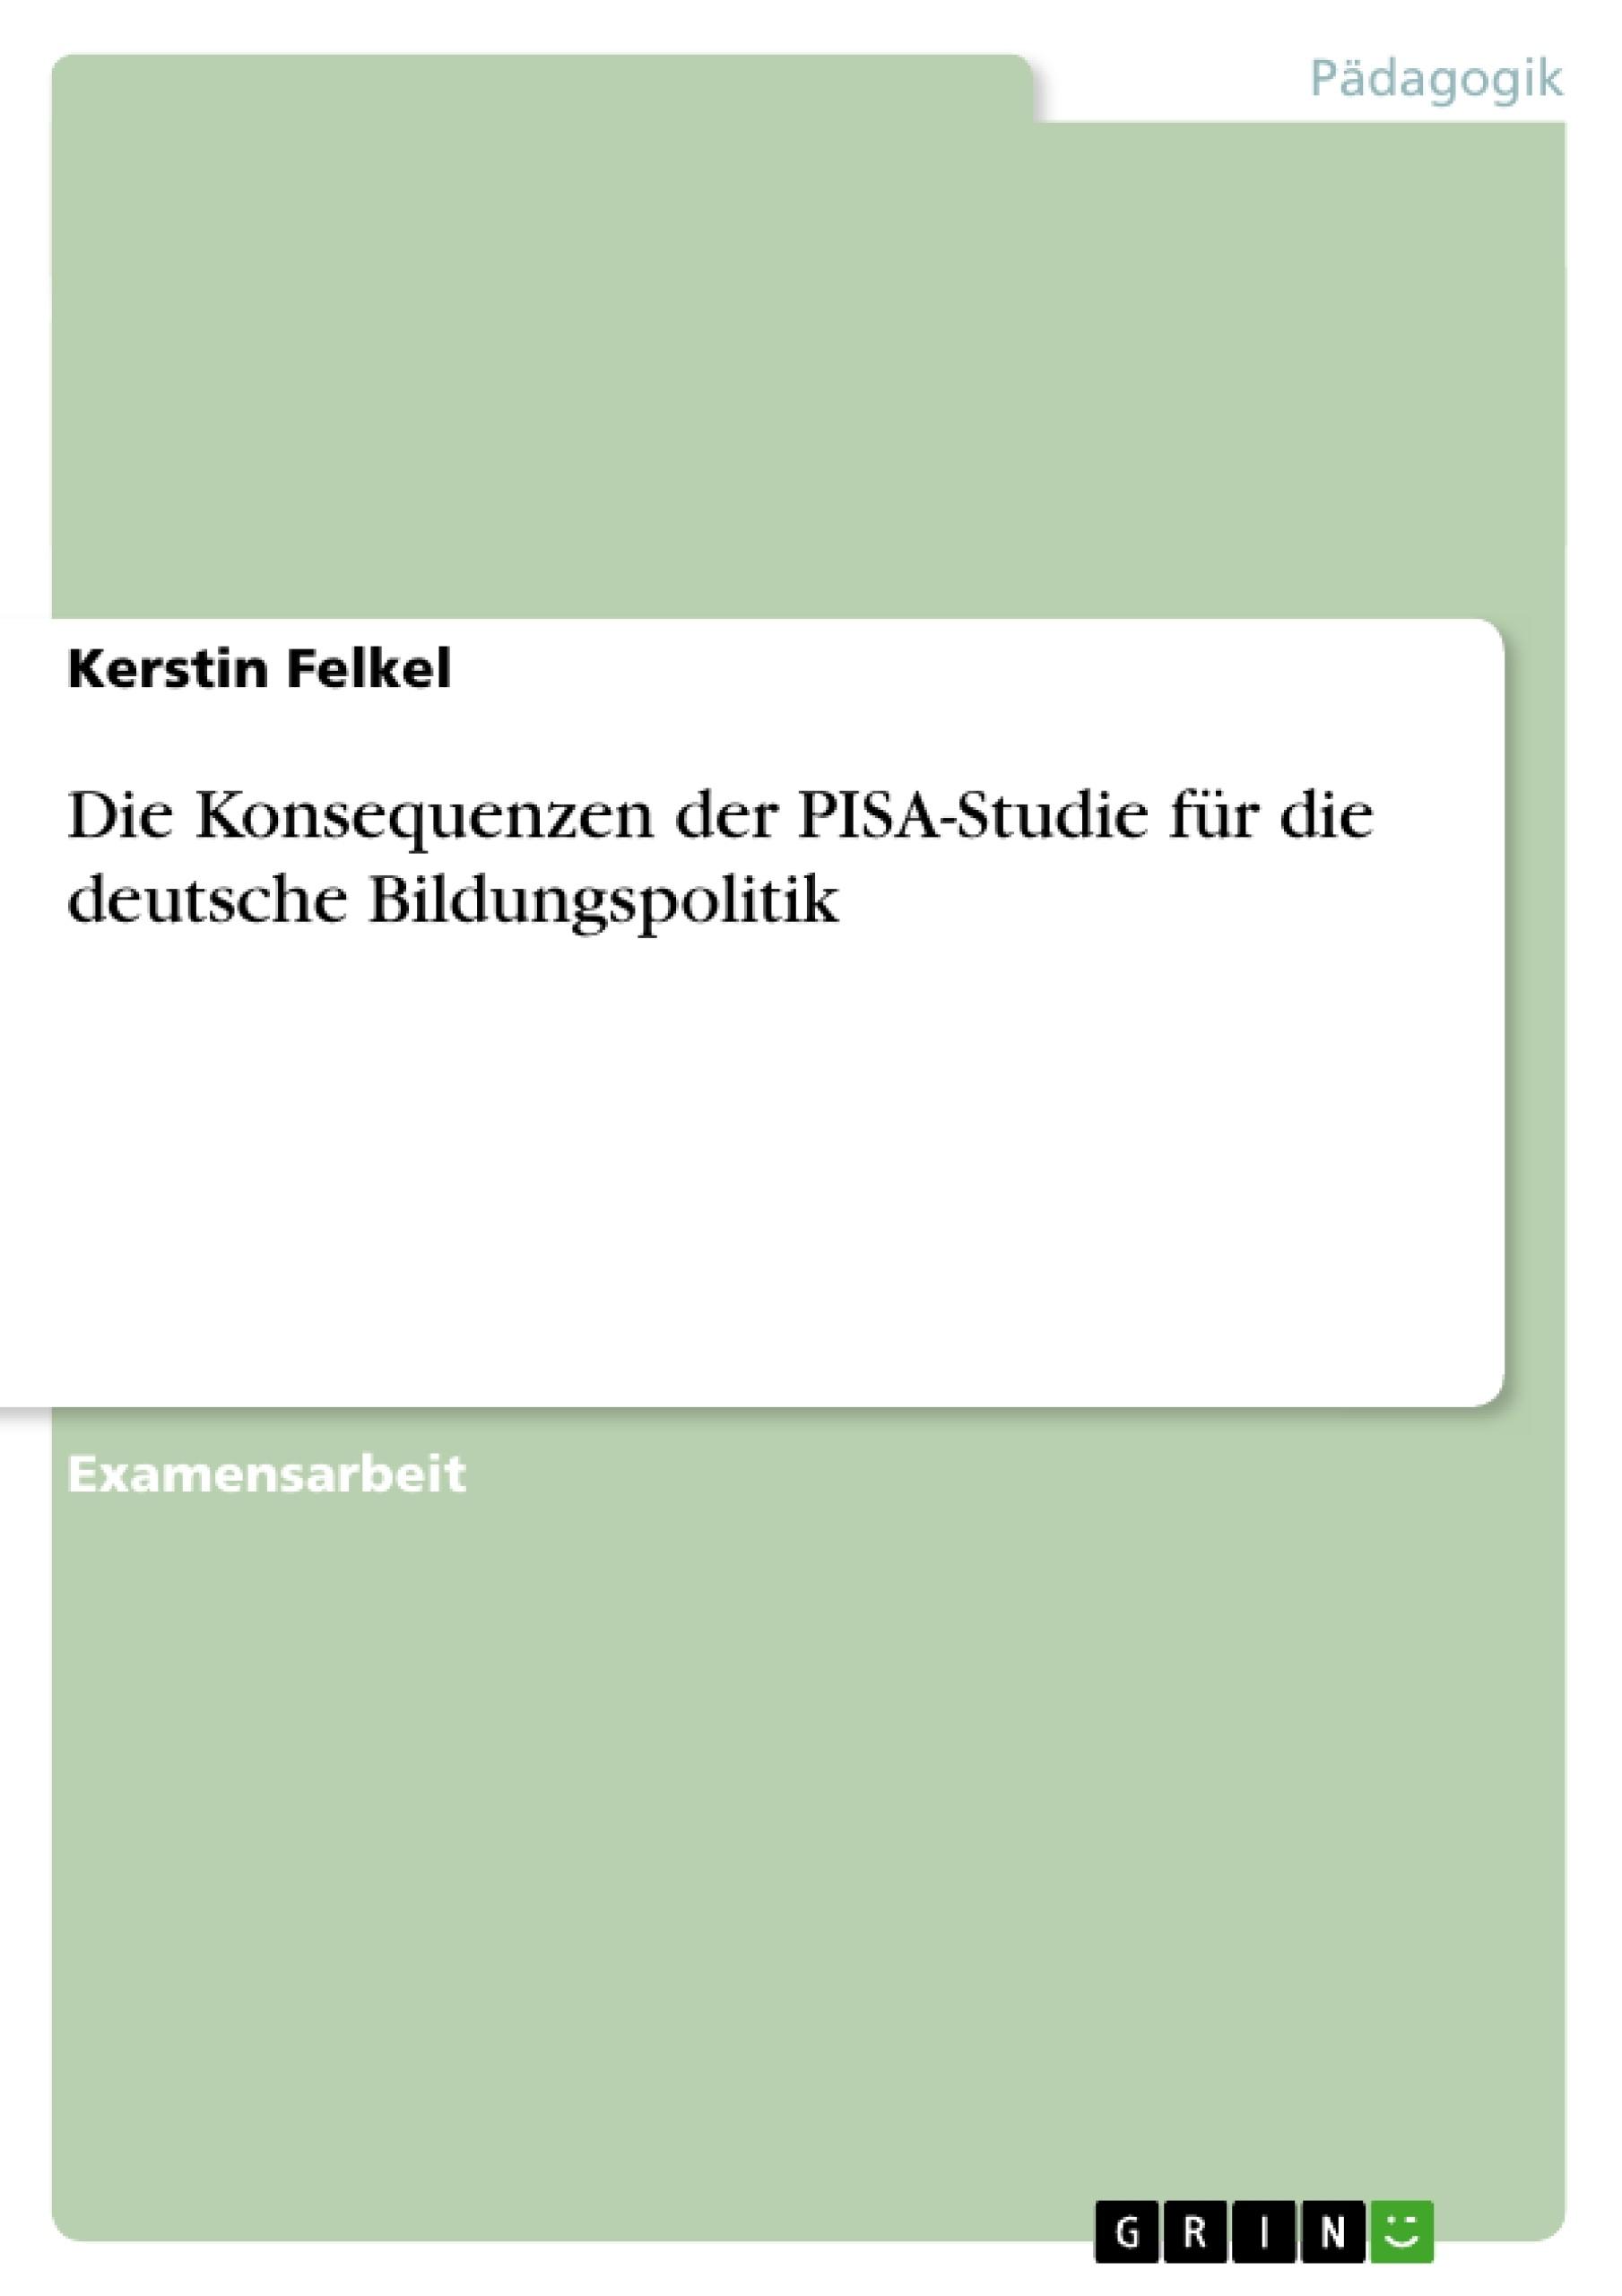 Titel: Die Konsequenzen der PISA-Studie für die deutsche Bildungspolitik